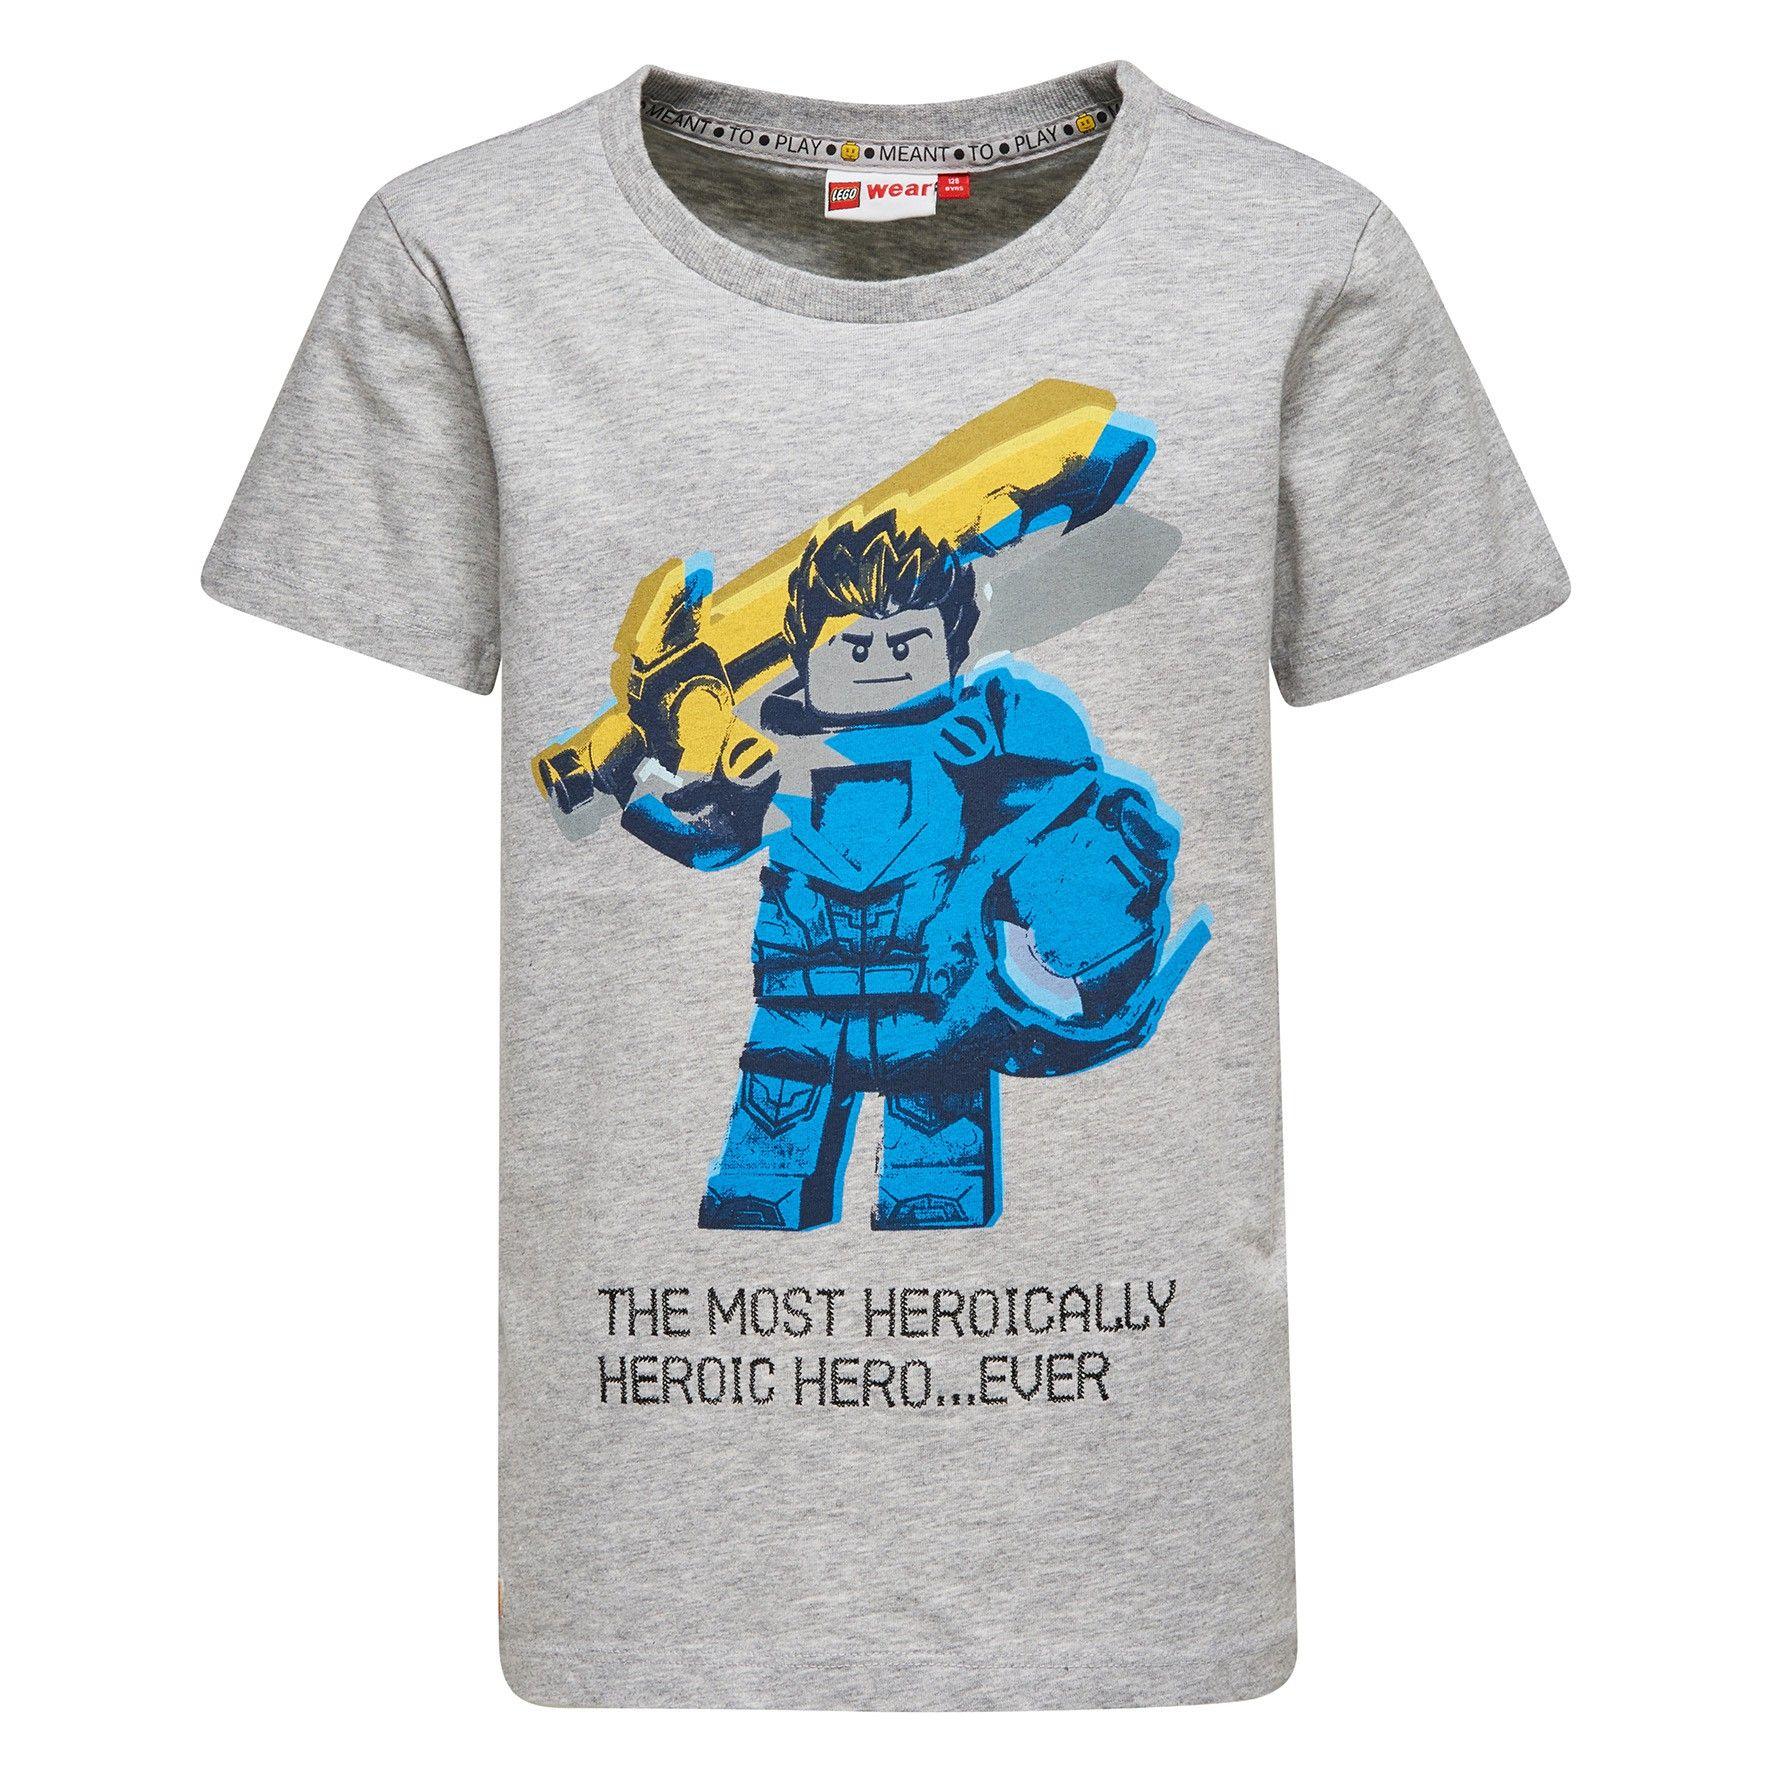 Licht grijze jongens tshirt TEO van het merk Legowear. Dit is een tshirt met een ronde hals en korte mouwen. De shirt komt uit de reeks Lego Knexo Knights De shirt heeft een print van een groot Lego ventje met bijhorende tekst.